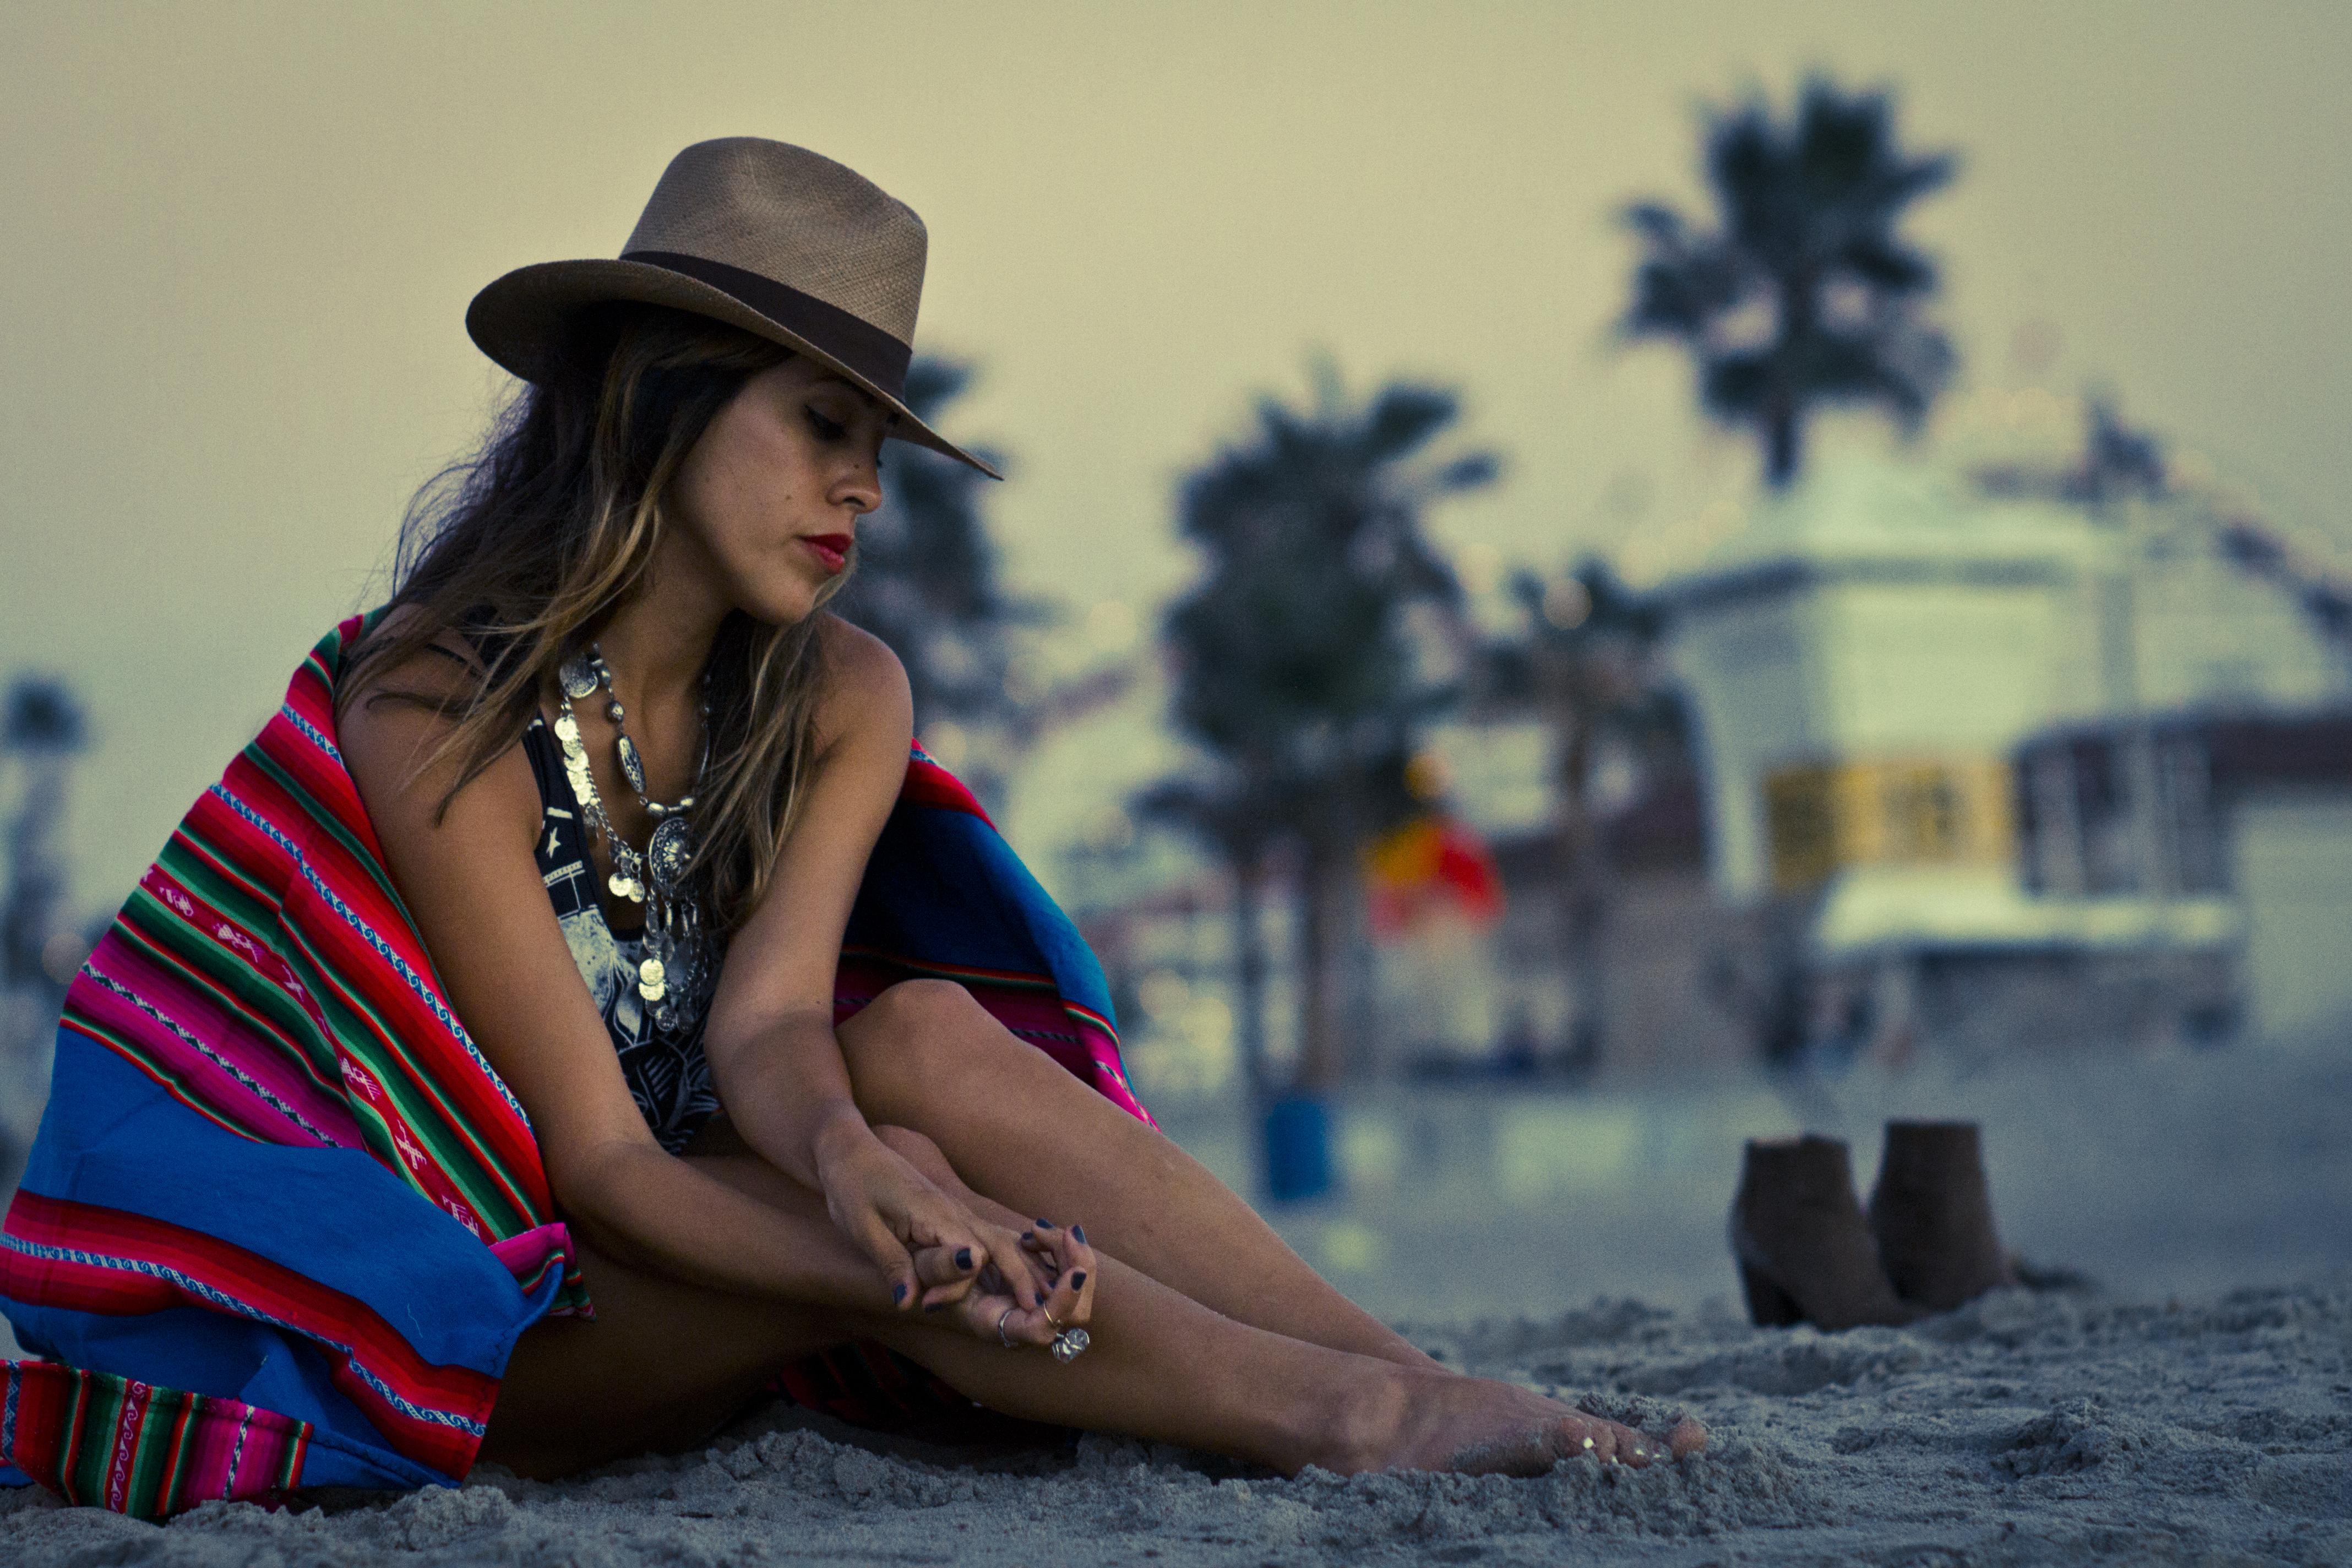 2014_12_18_FashionMuse_FrankVinyl_BlanketBliss_3